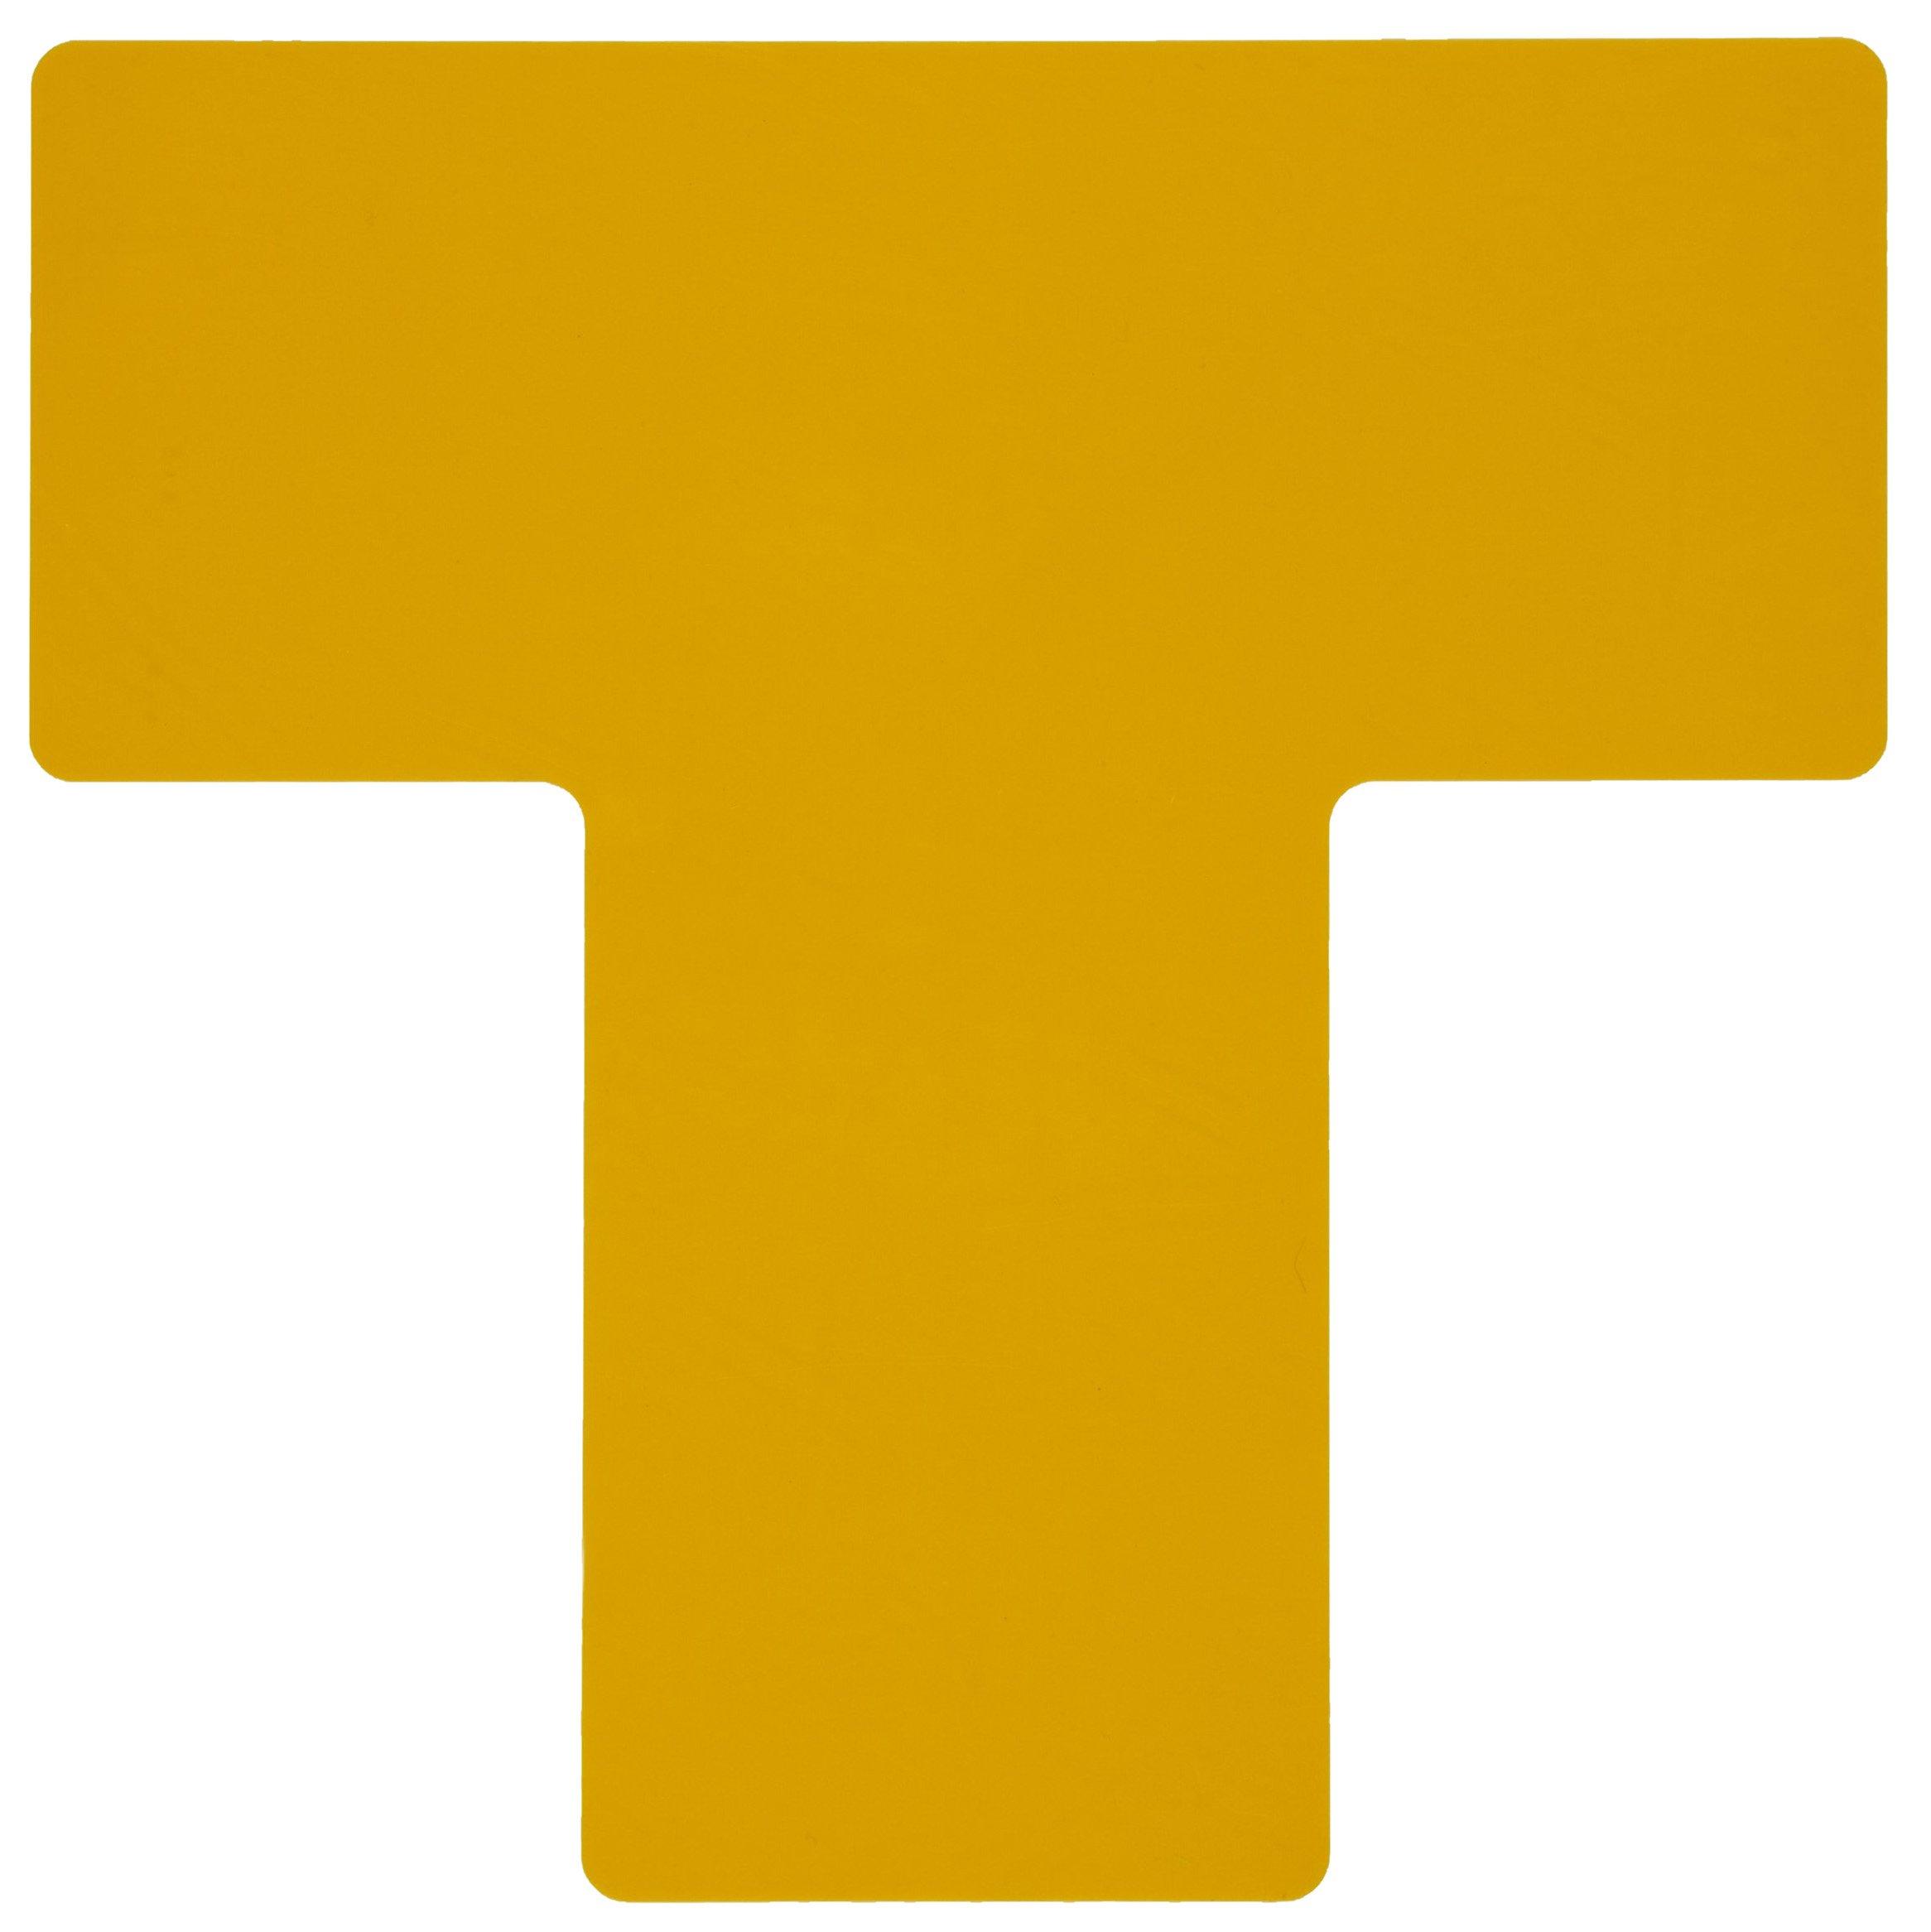 Brady ToughStripe Nonabrasive T Shape Floor Marking Tape, 10'' Length, 4'' Width, Yellow (Pack of 20 per Roll)